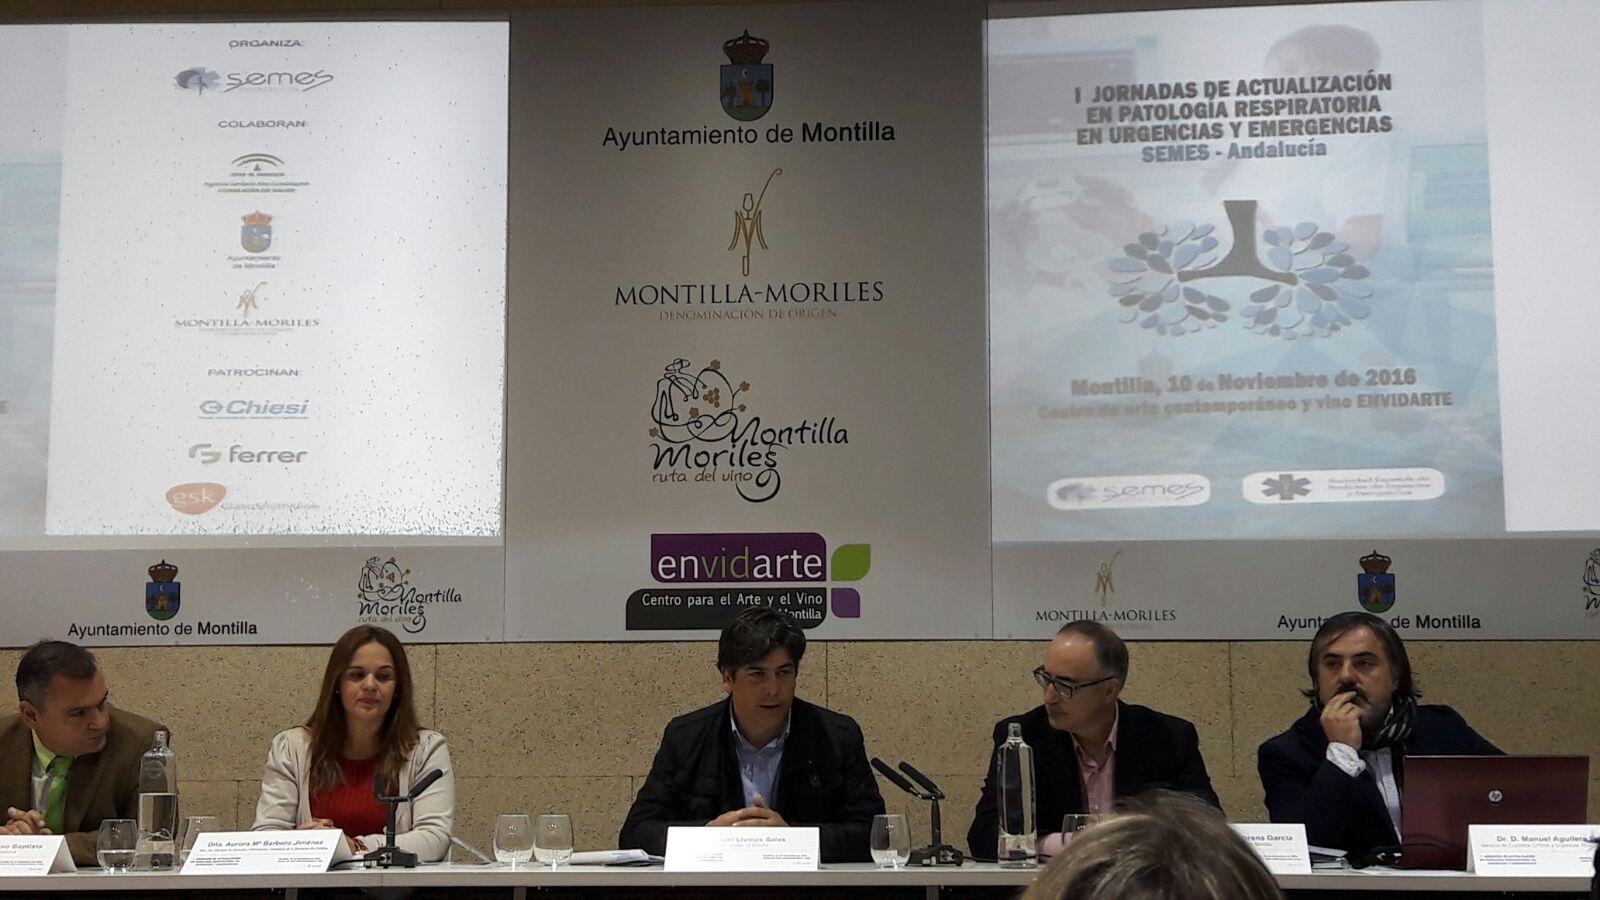 SALUD_Jornada SEMES-A Montilla_10-11